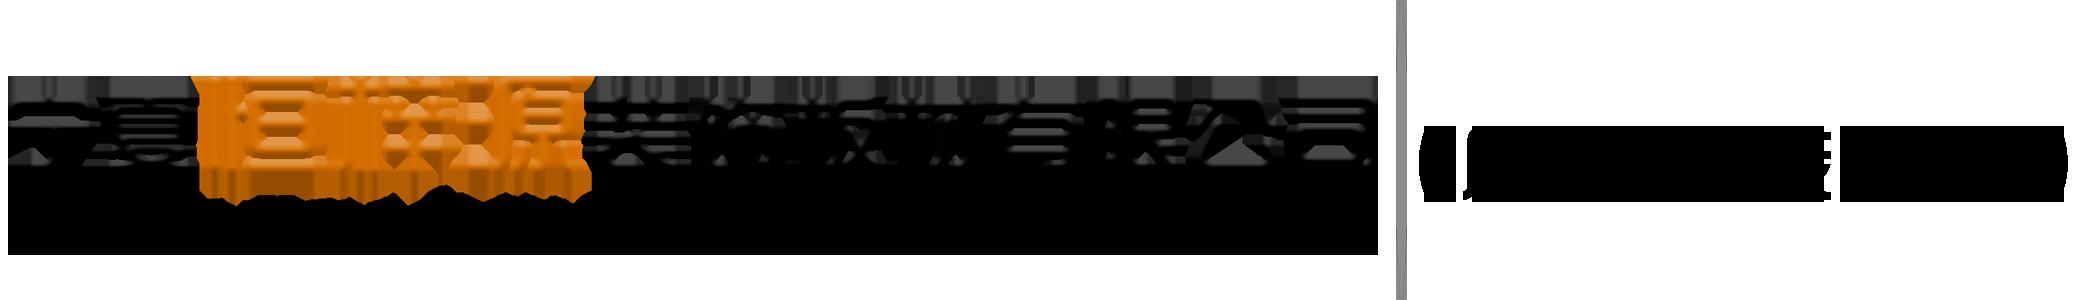 新万博体育网y_万博体育manbetex手机登录_万博体育app下载网站 - 宁夏恒梓源装饰新万博体育网y有限公司